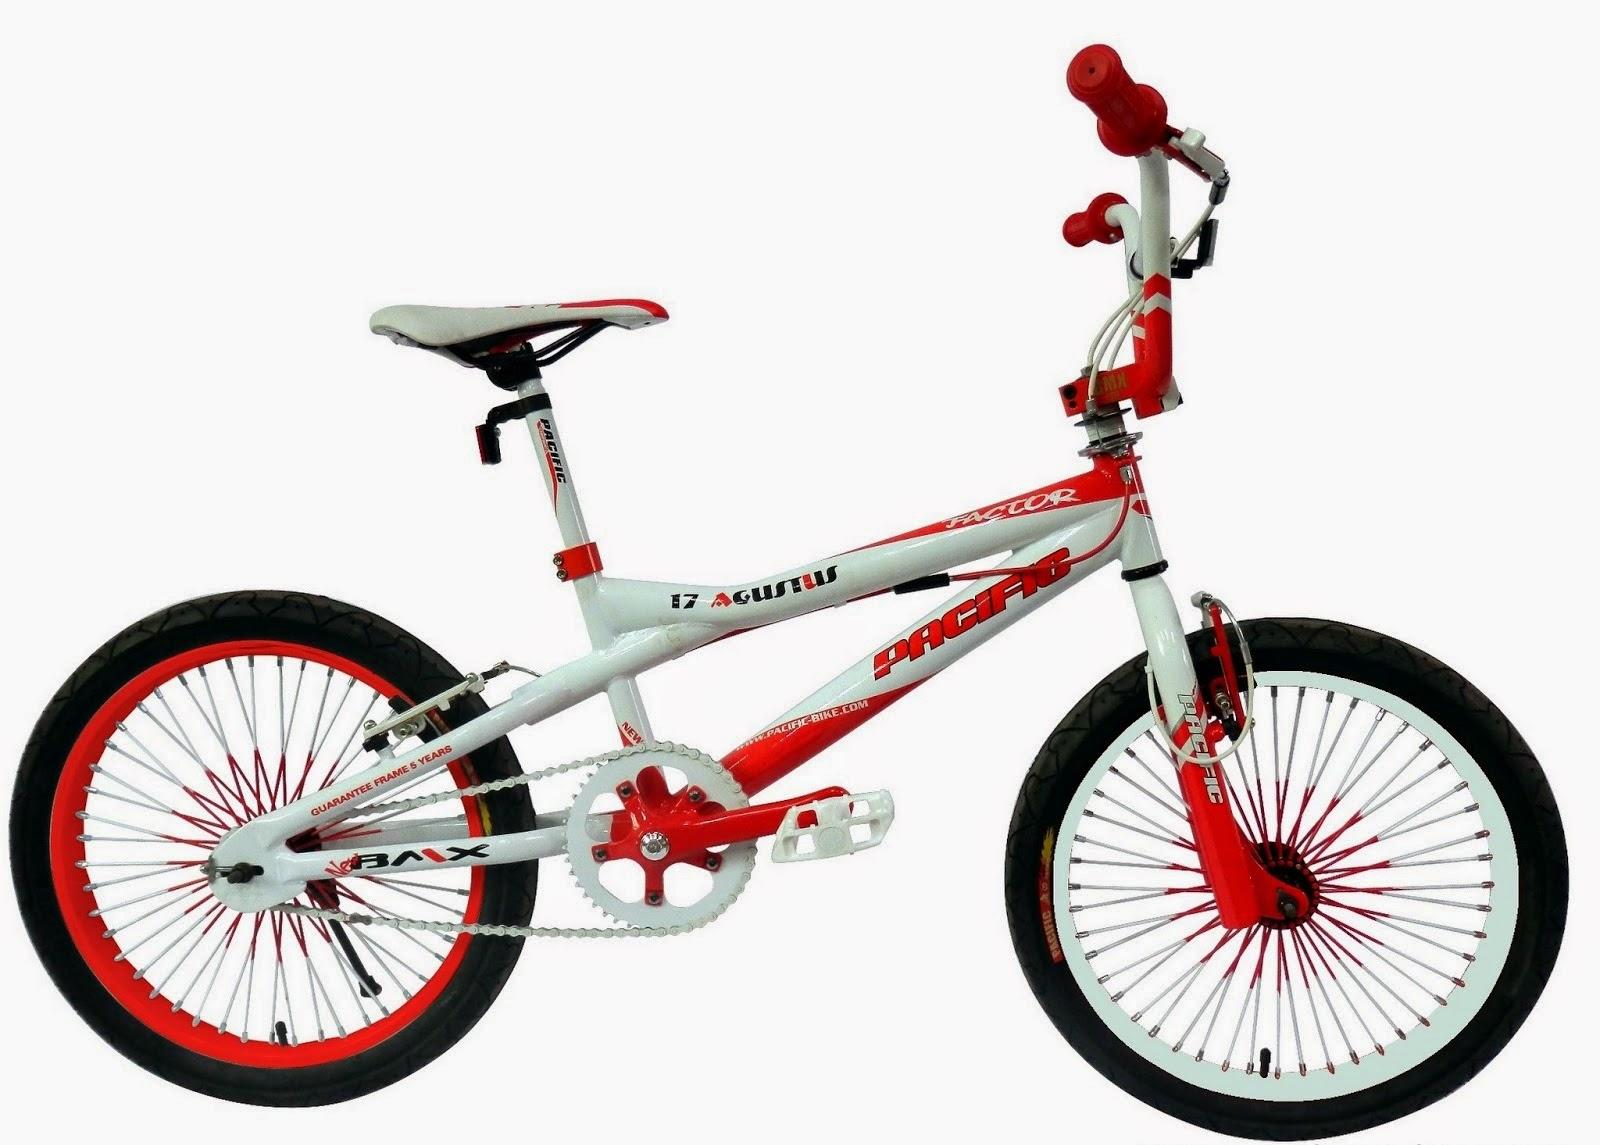 Daftar Harga Sepeda Wimcycle | sepeda gunung mtb harga